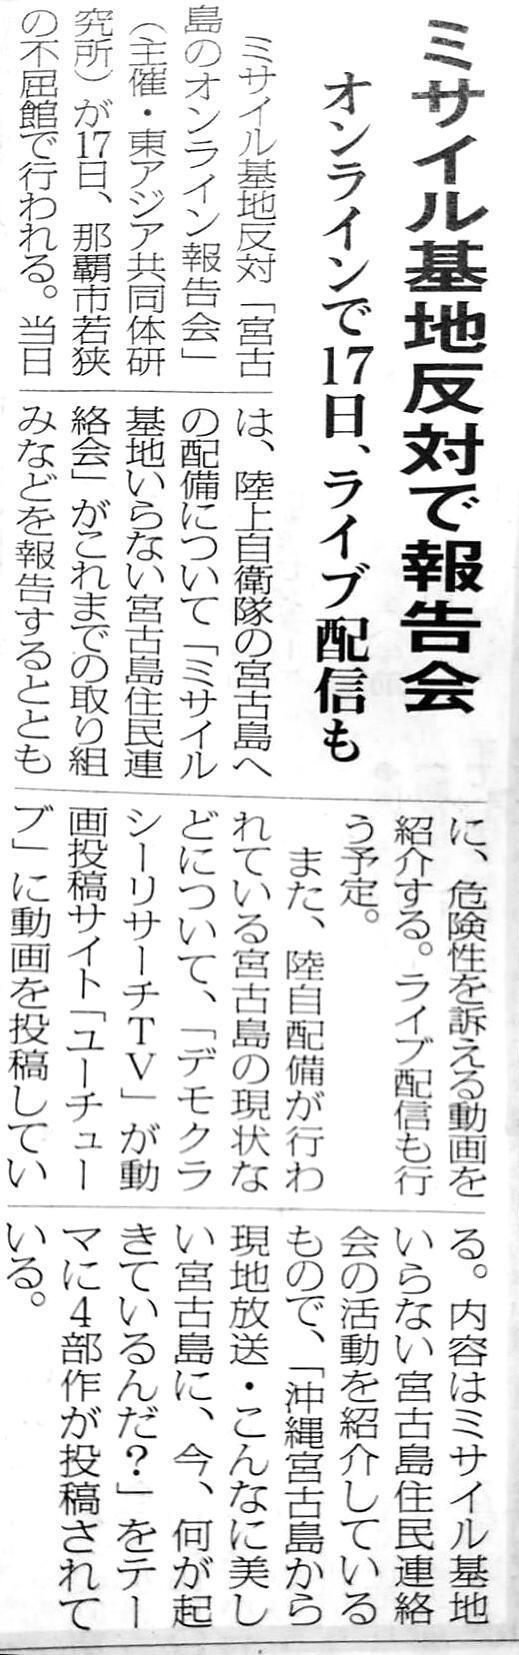 miyakomainichi2020 10161